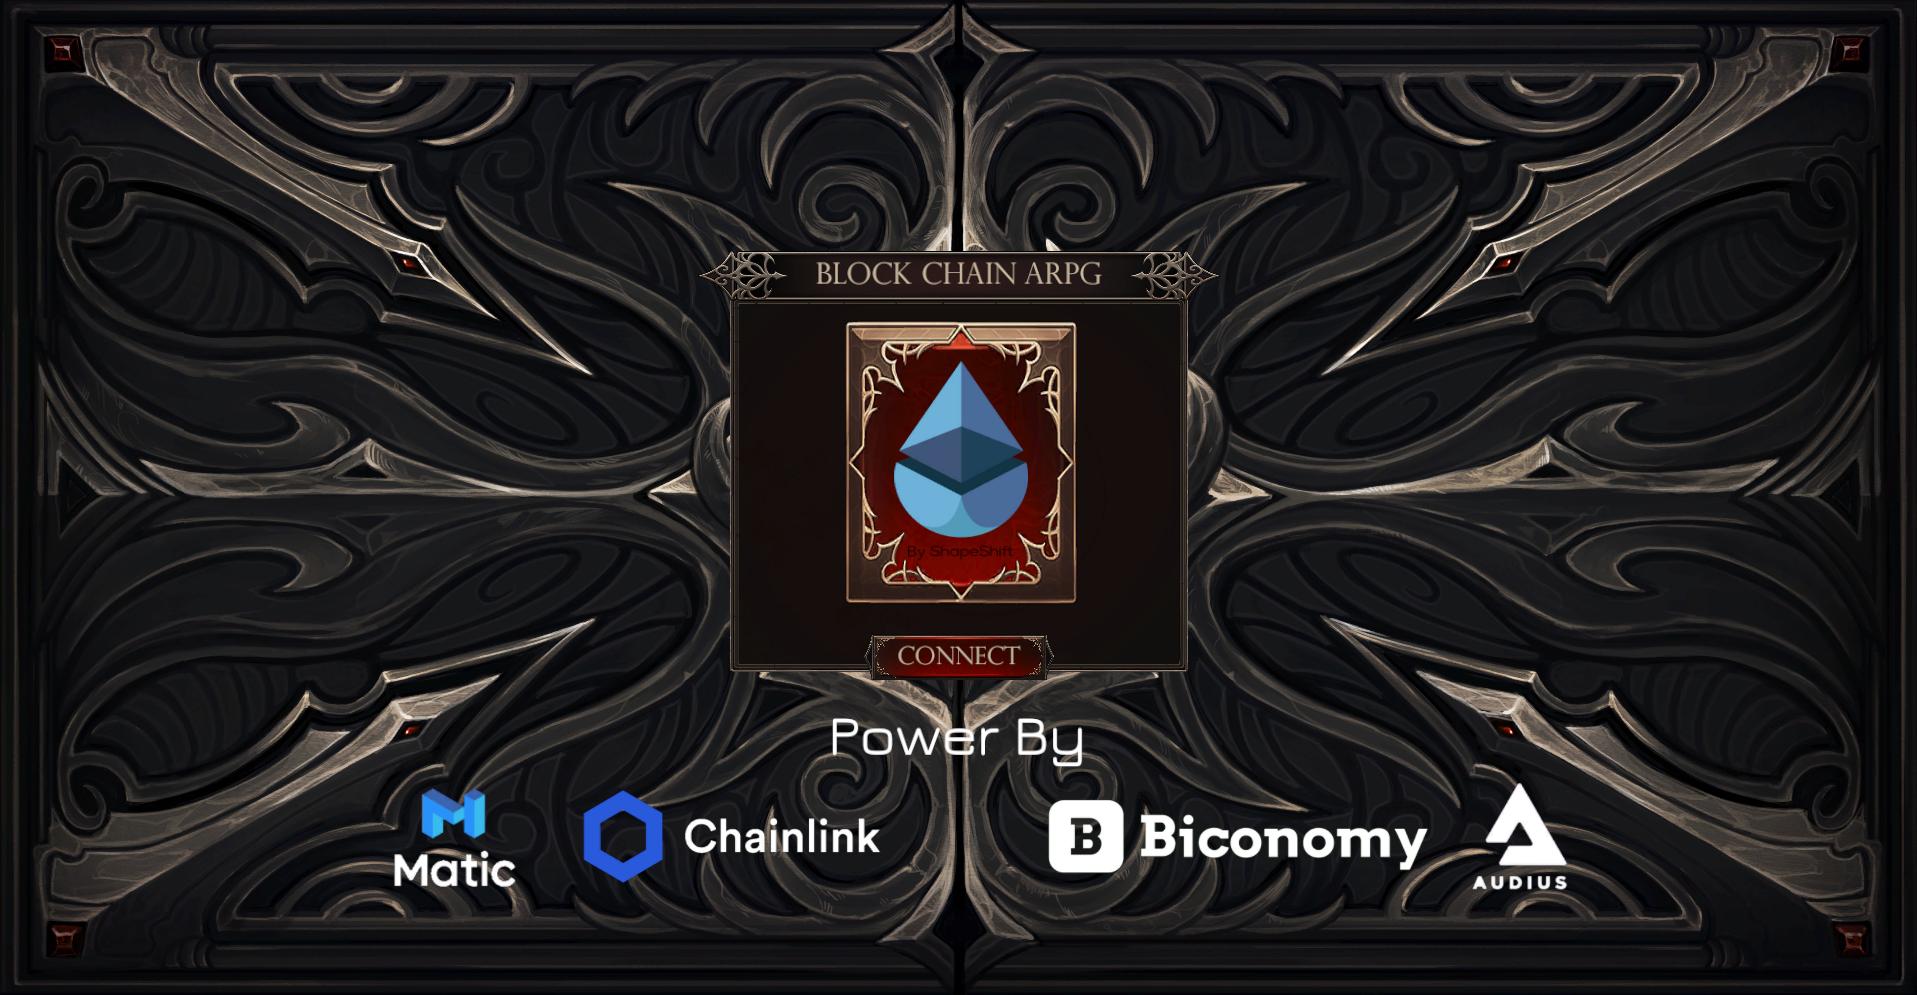 BlockChainARPG showcase